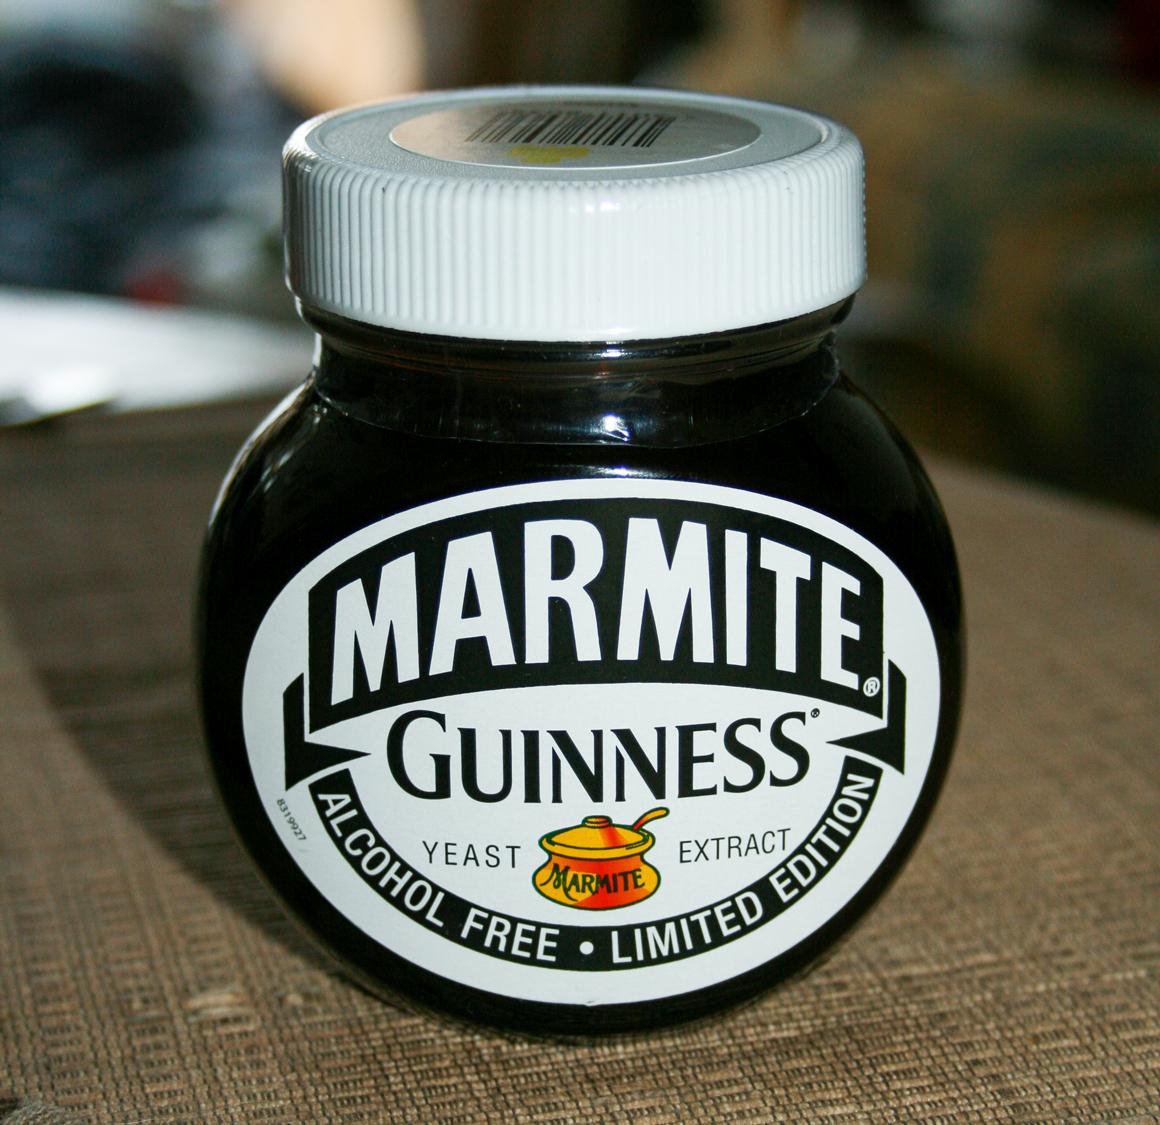 Marmite-Guiness-crop